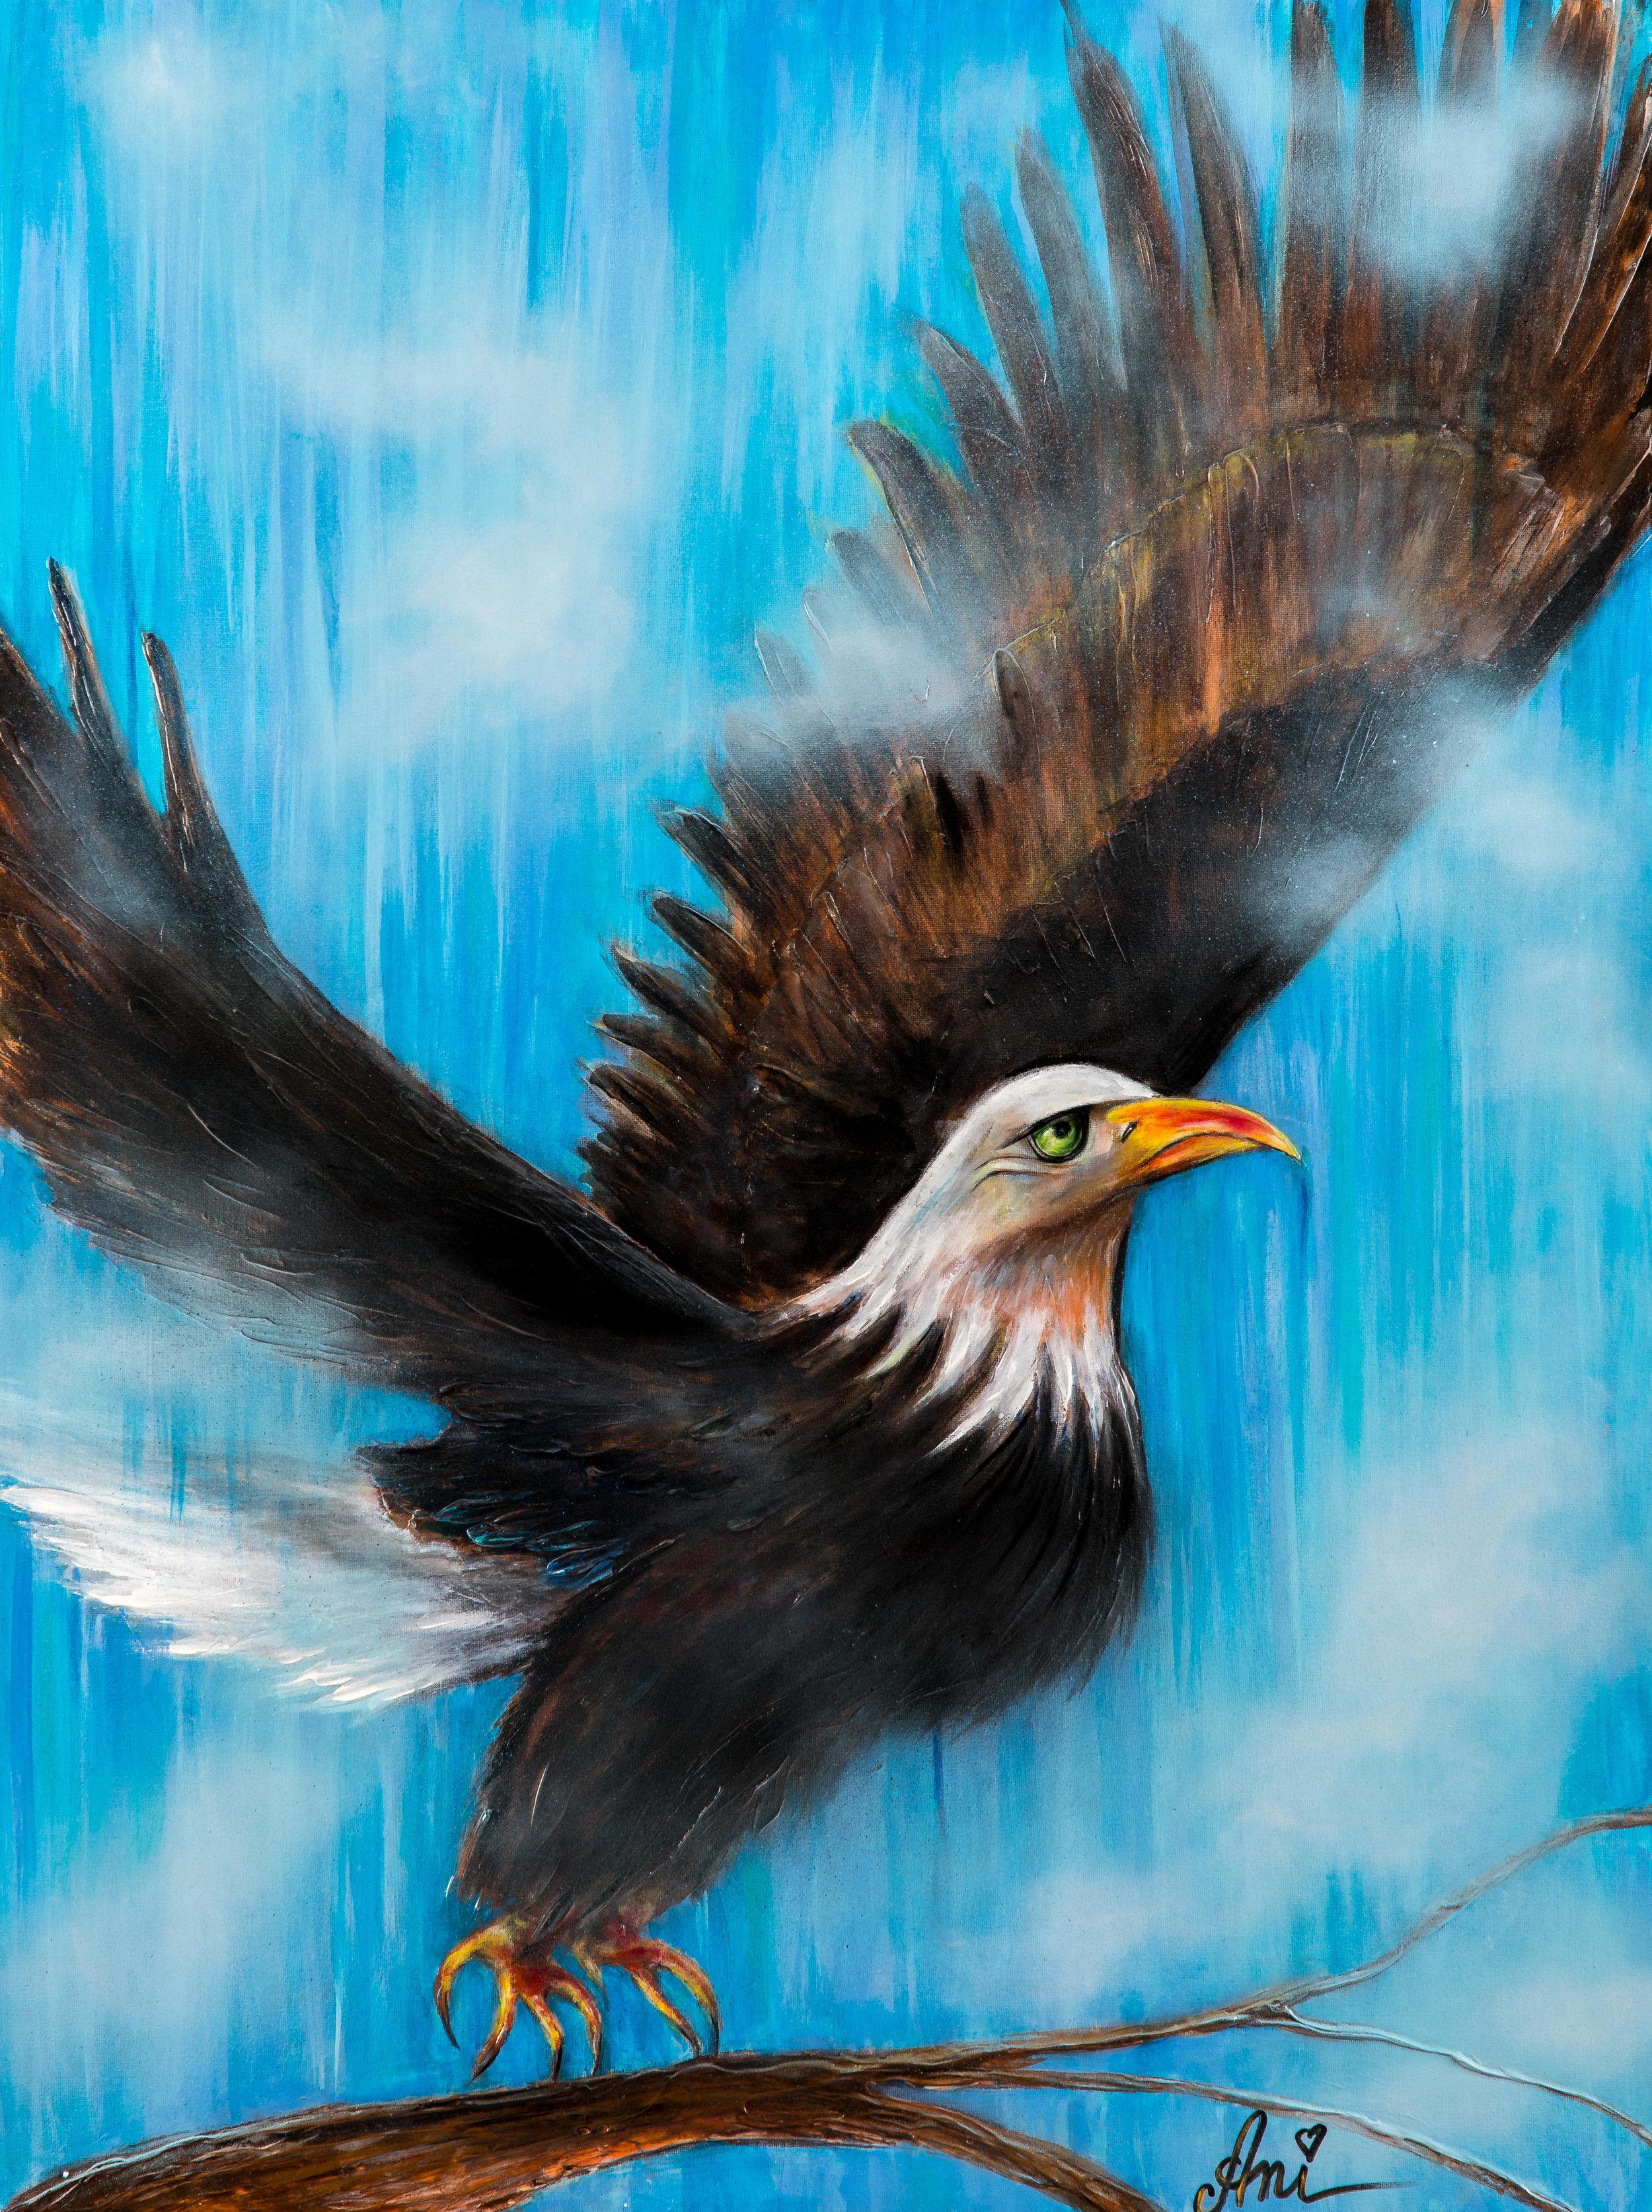 L'aigle Royal:  Peinture acrylique sur toile 3D, 100cm x 75cm  Prix: 250€ + frais de livraison